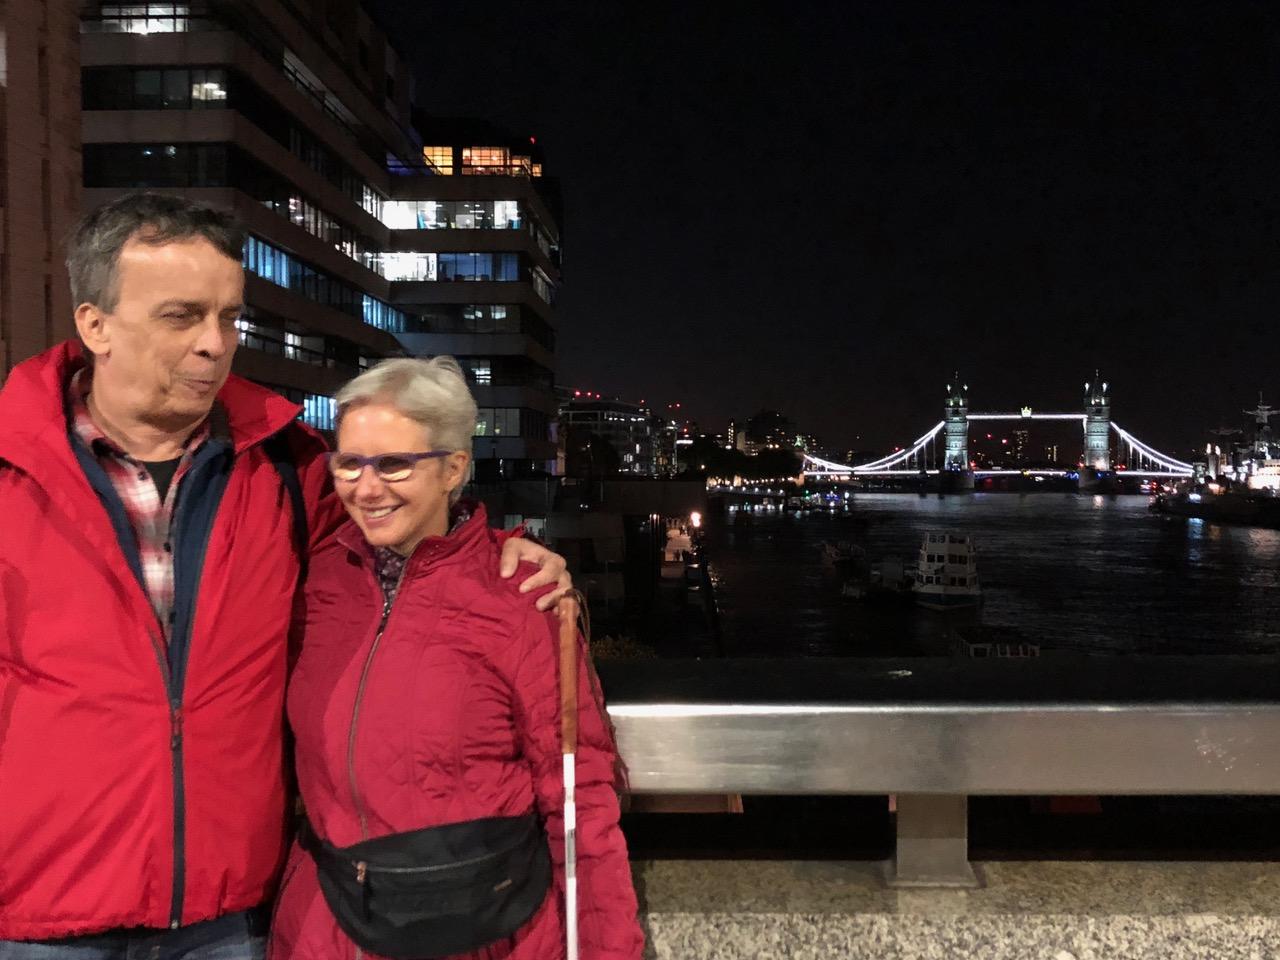 Claudia und Andreas auf der London Bridge bei Nacht, im Hintergrund die Themse und die Tower Bridge